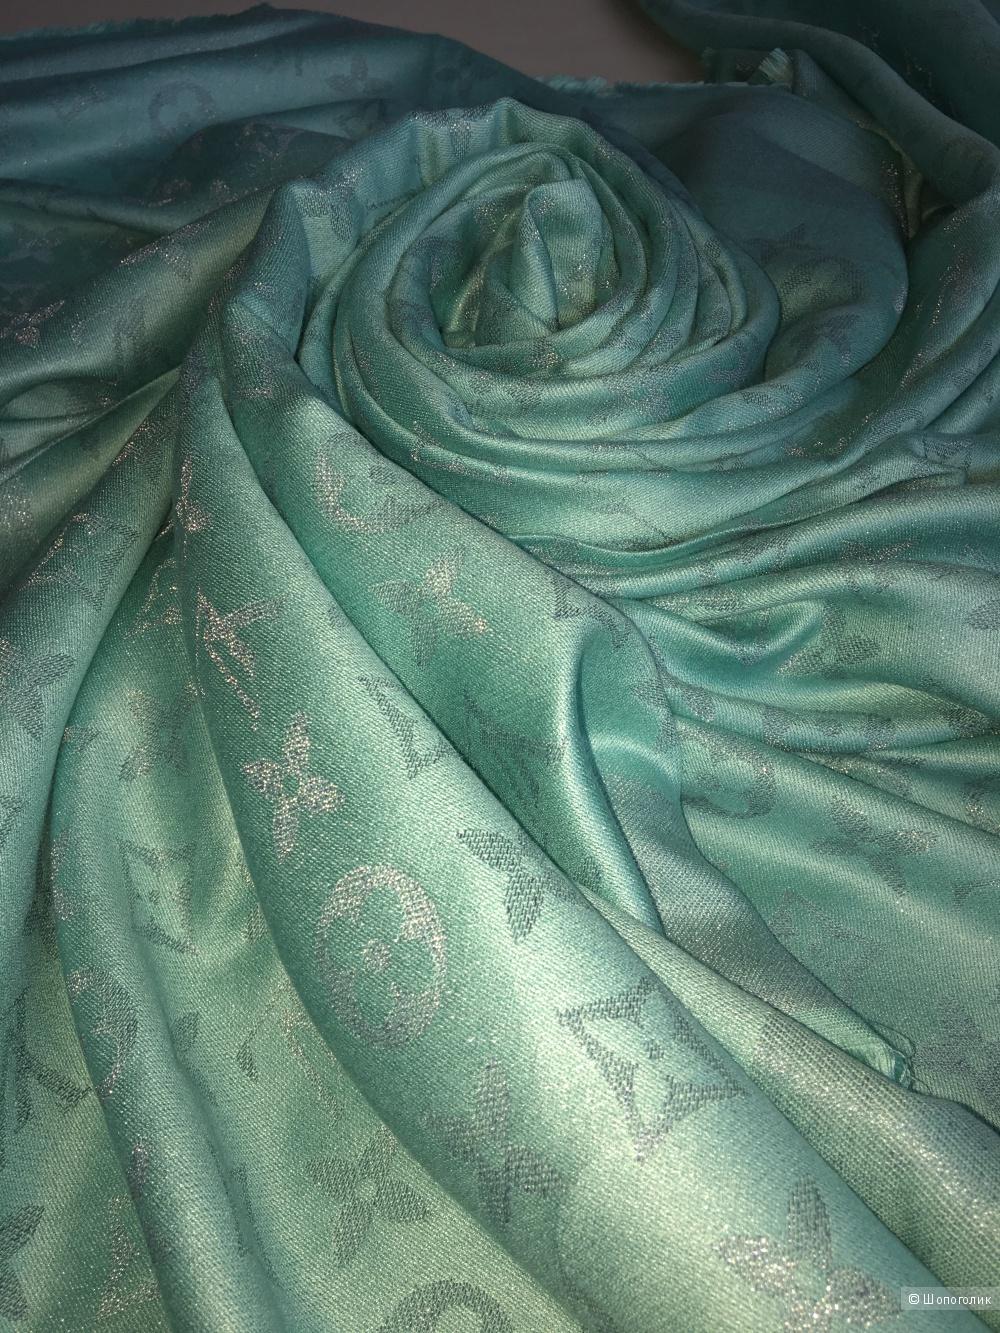 Итальянский платок Louis Vuitton Тиффани, 140 см, шерсть, шелк